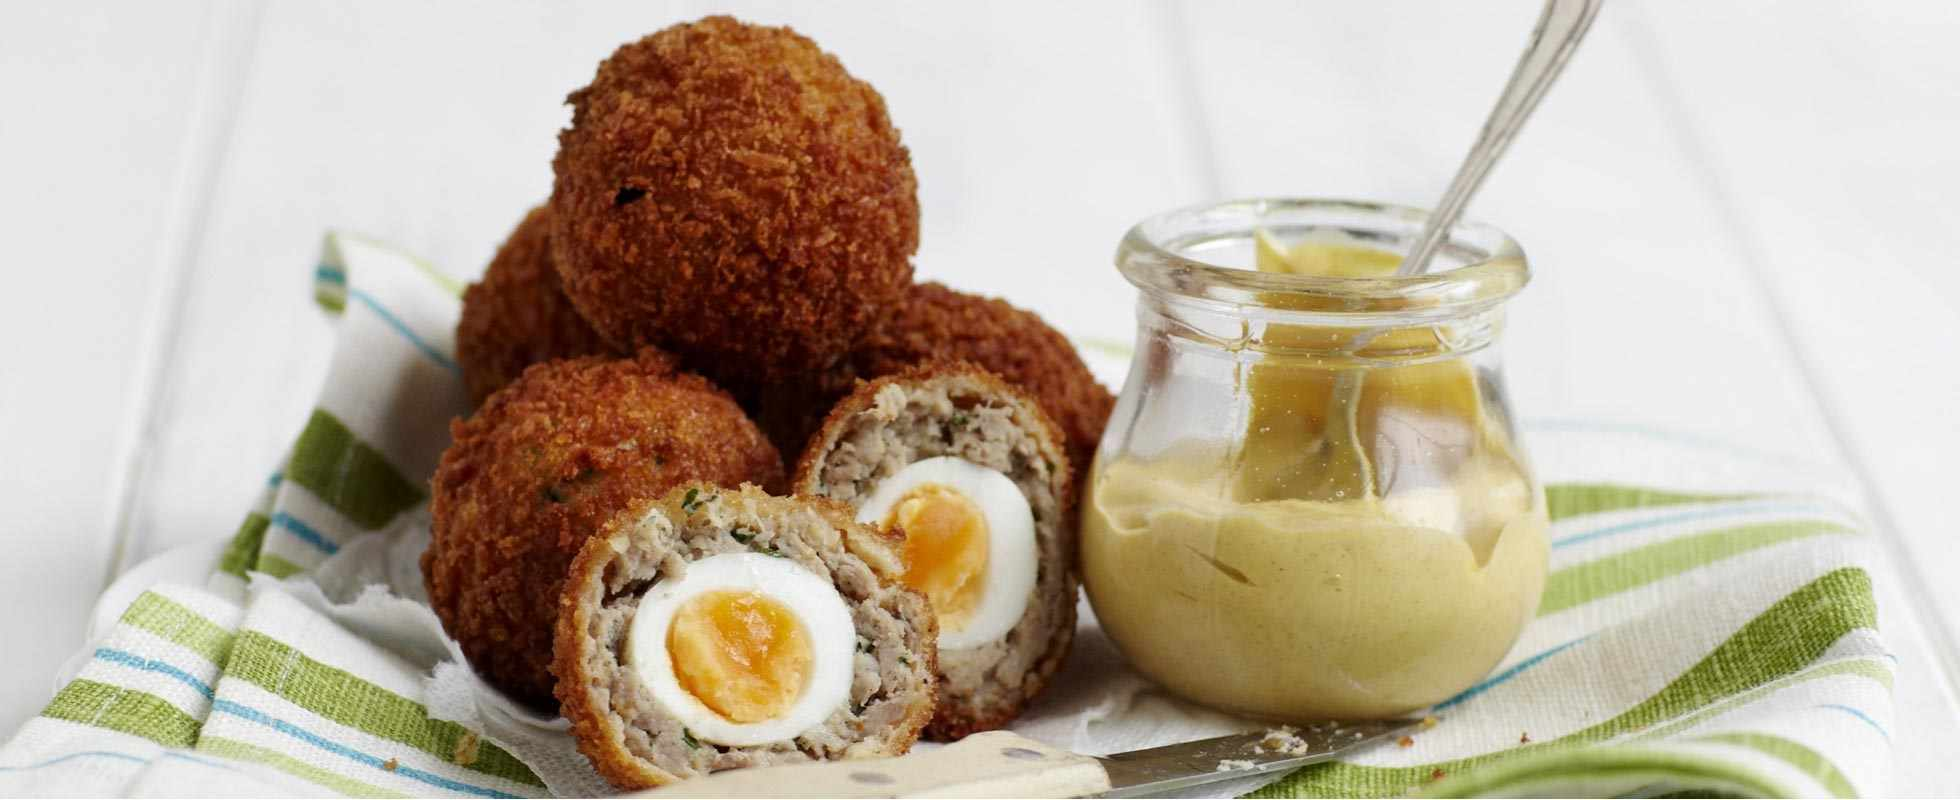 Scotch quail's eggs